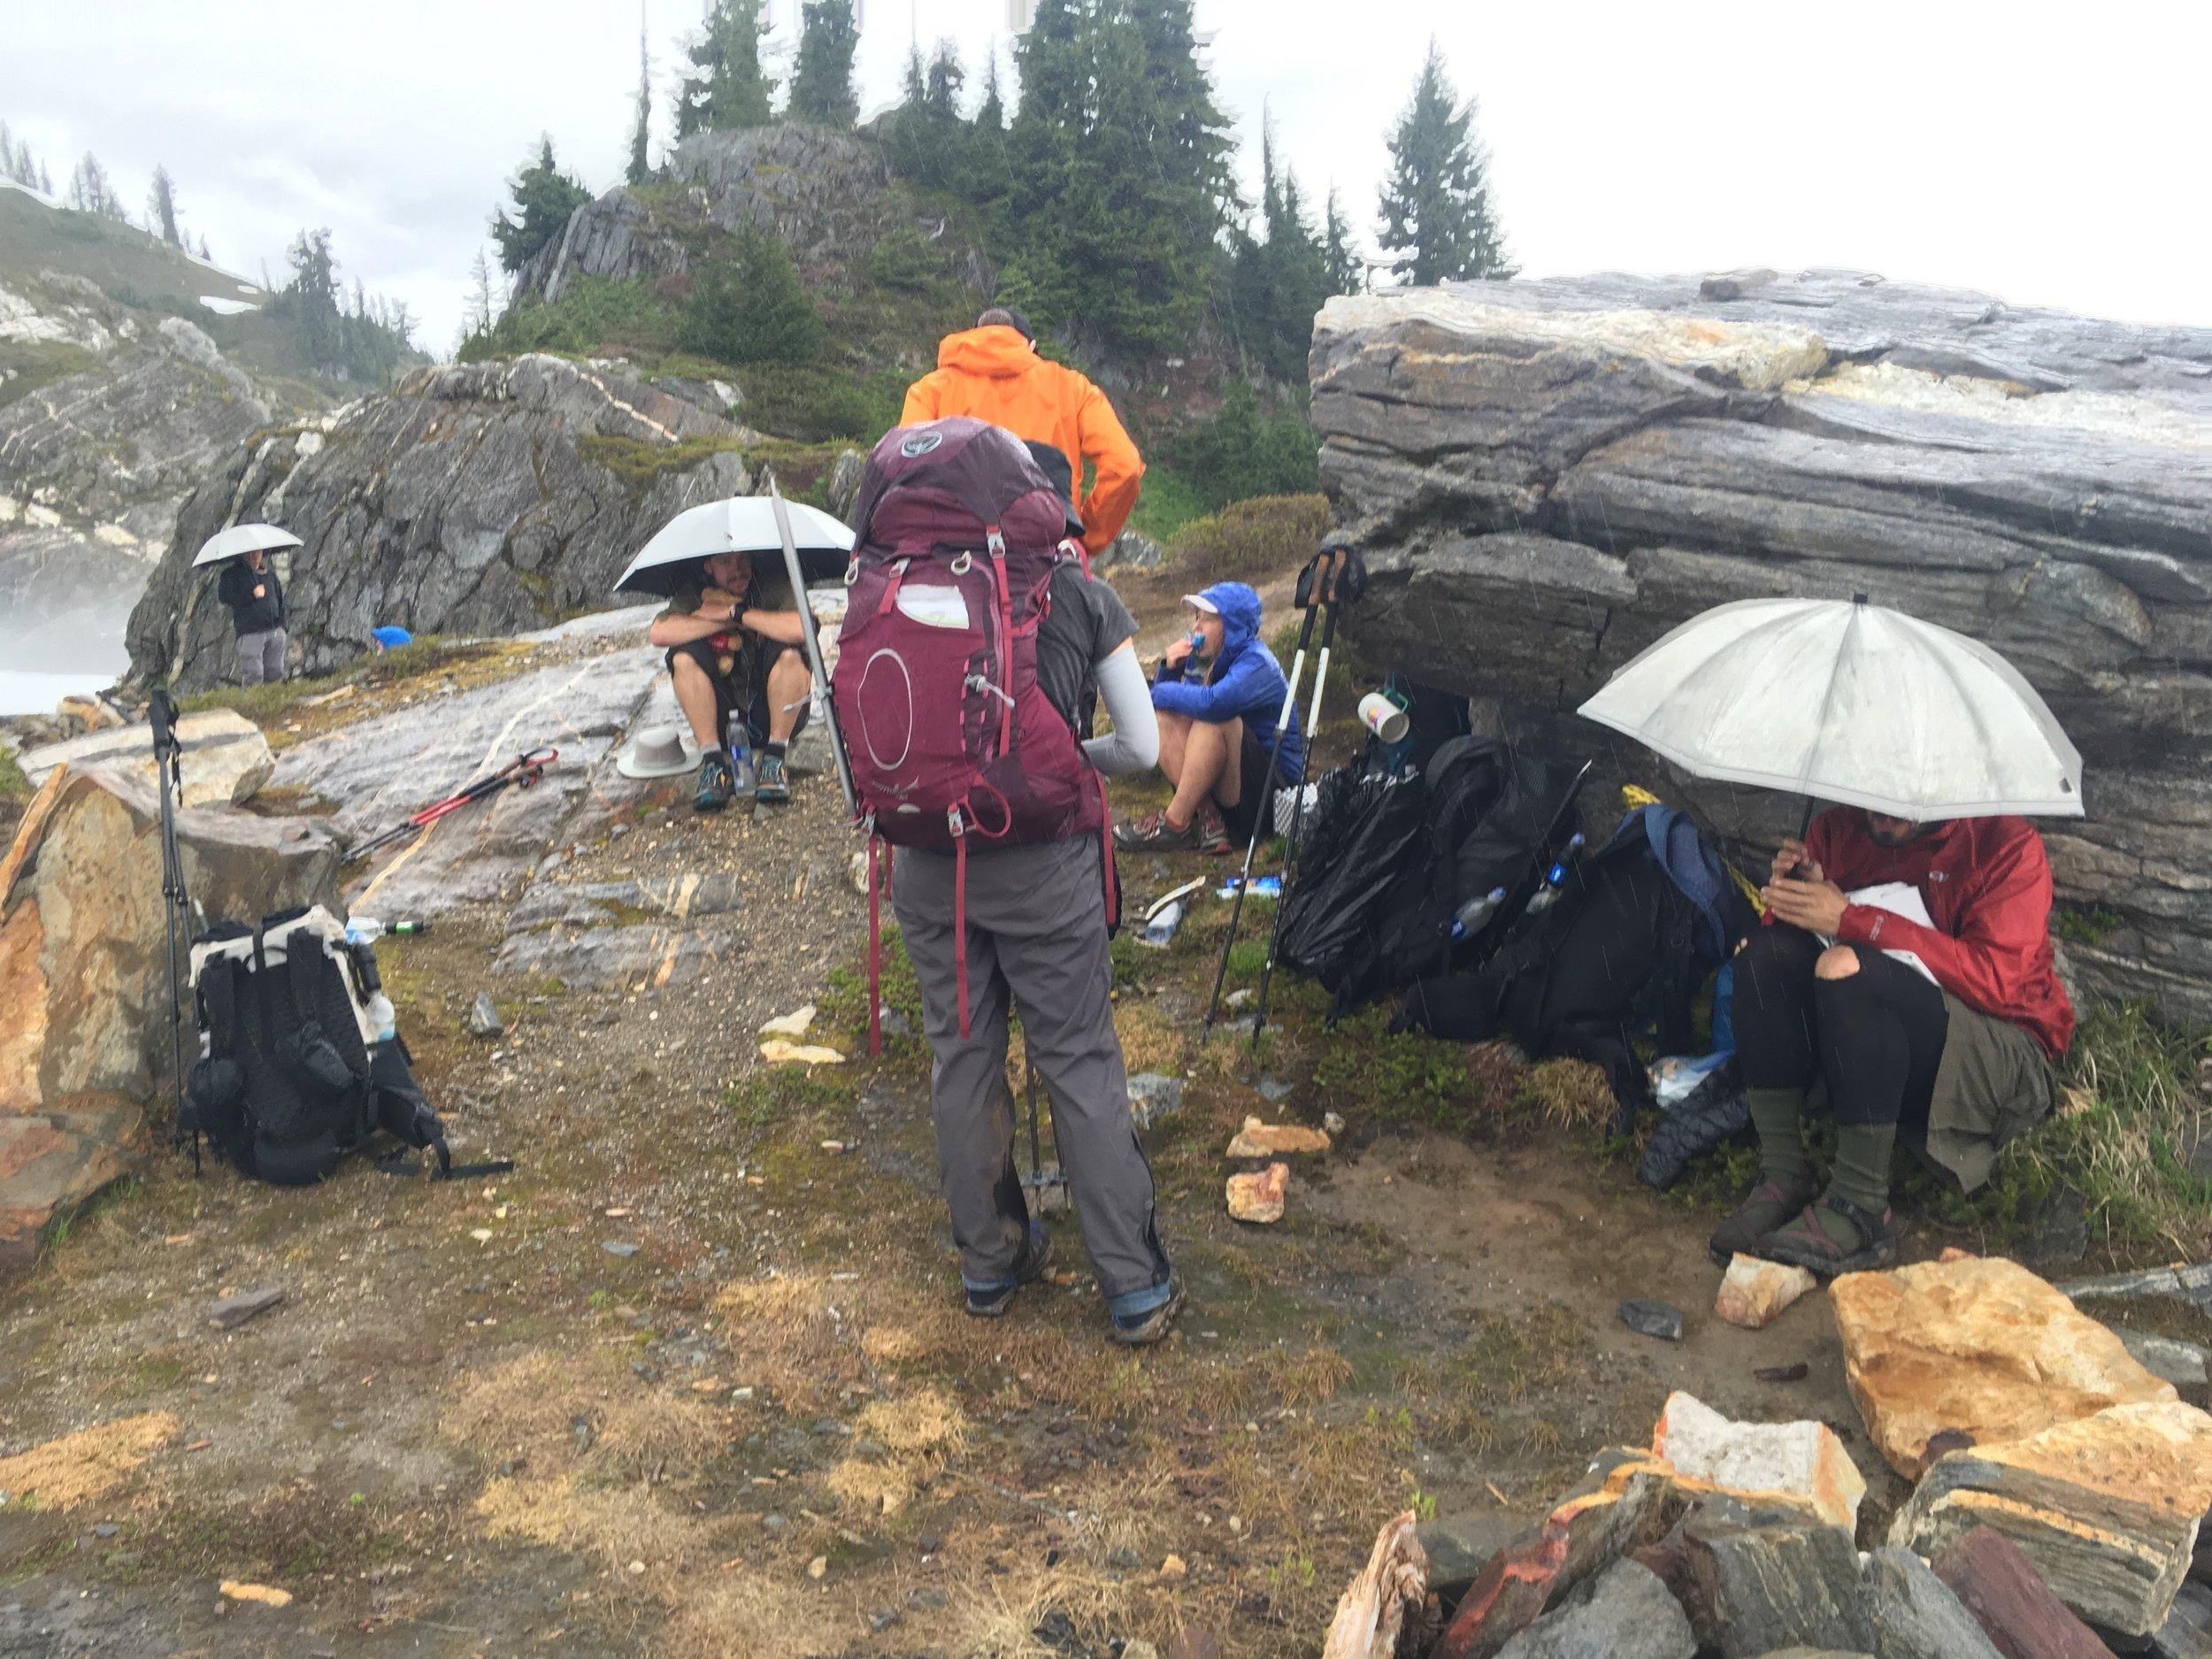 Thru-hiker huddle